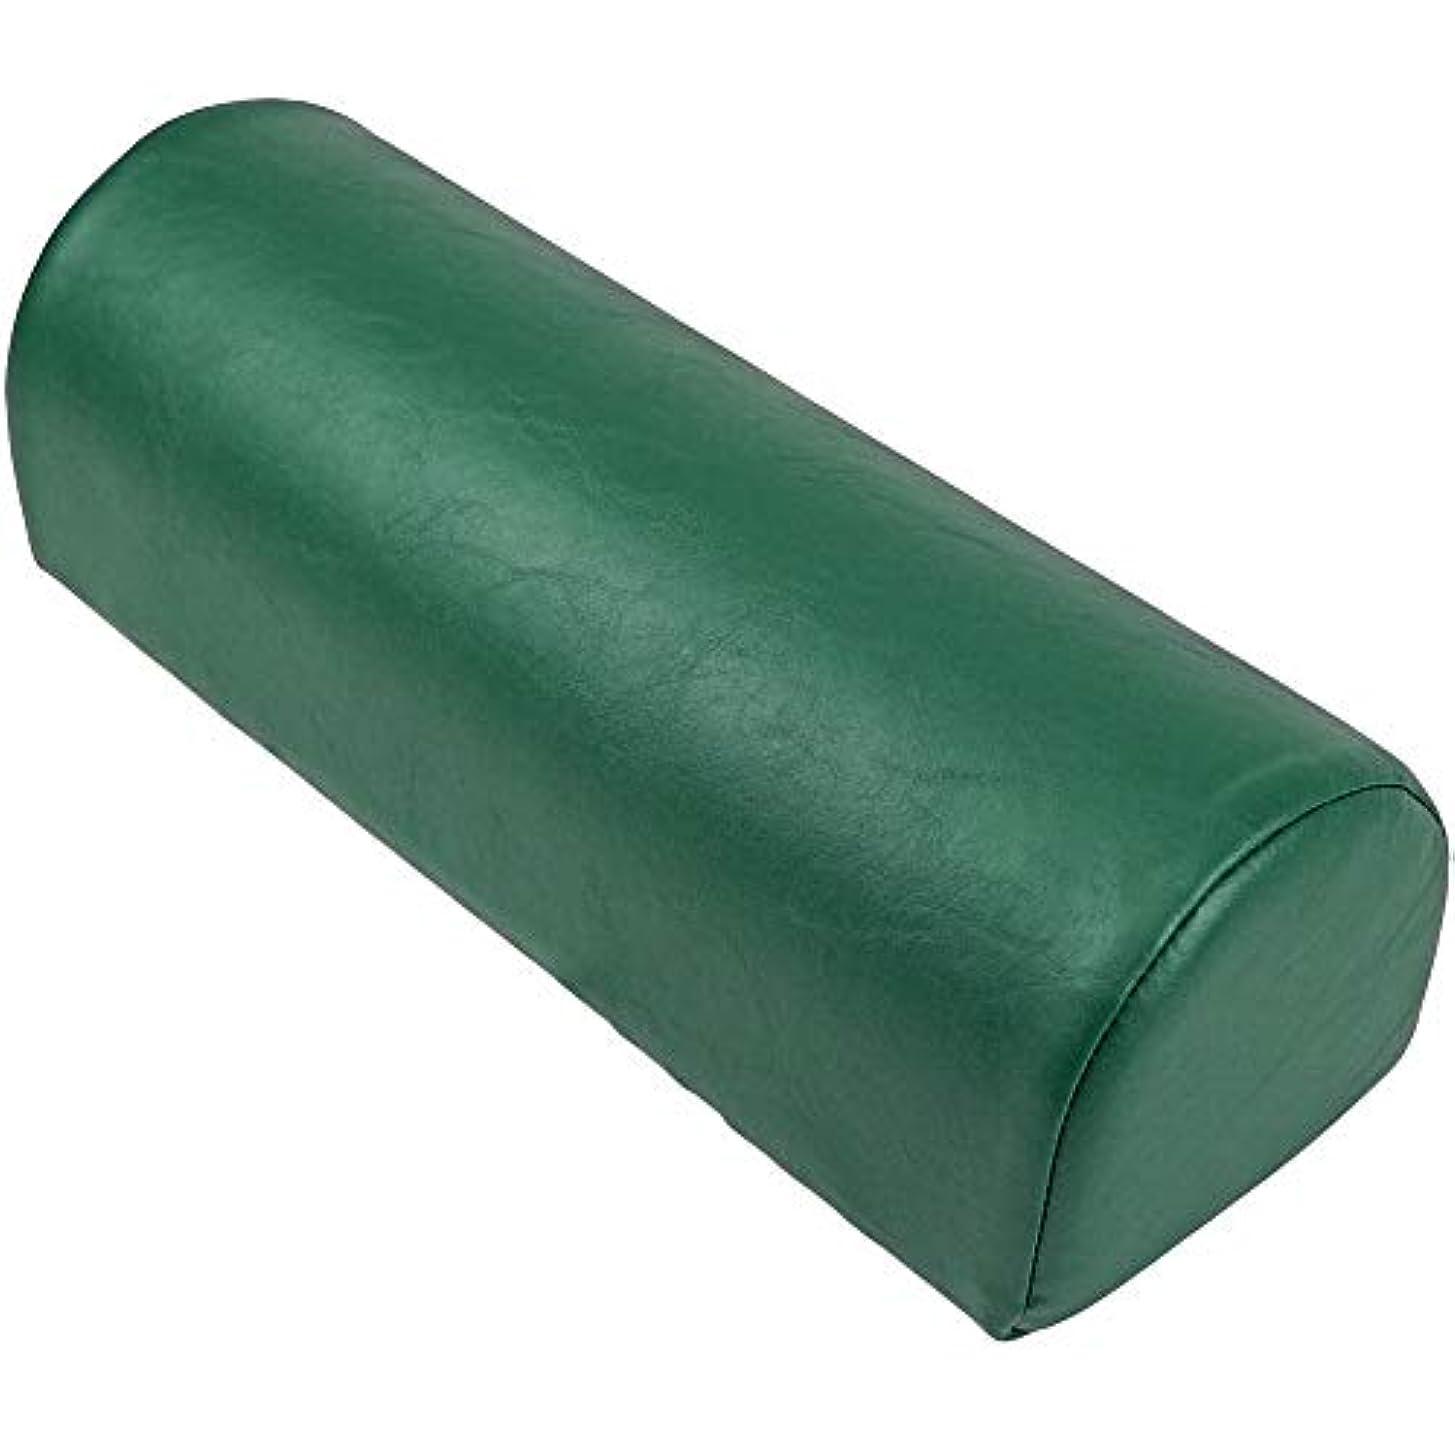 複合従う保守的LLOYD (ロイド) ダッチマンロール【平底型】マッサージ クッション 椎間板 の 施術 足首 の支え 側臥位 の際の 枕 にも最適 (フォレスト)